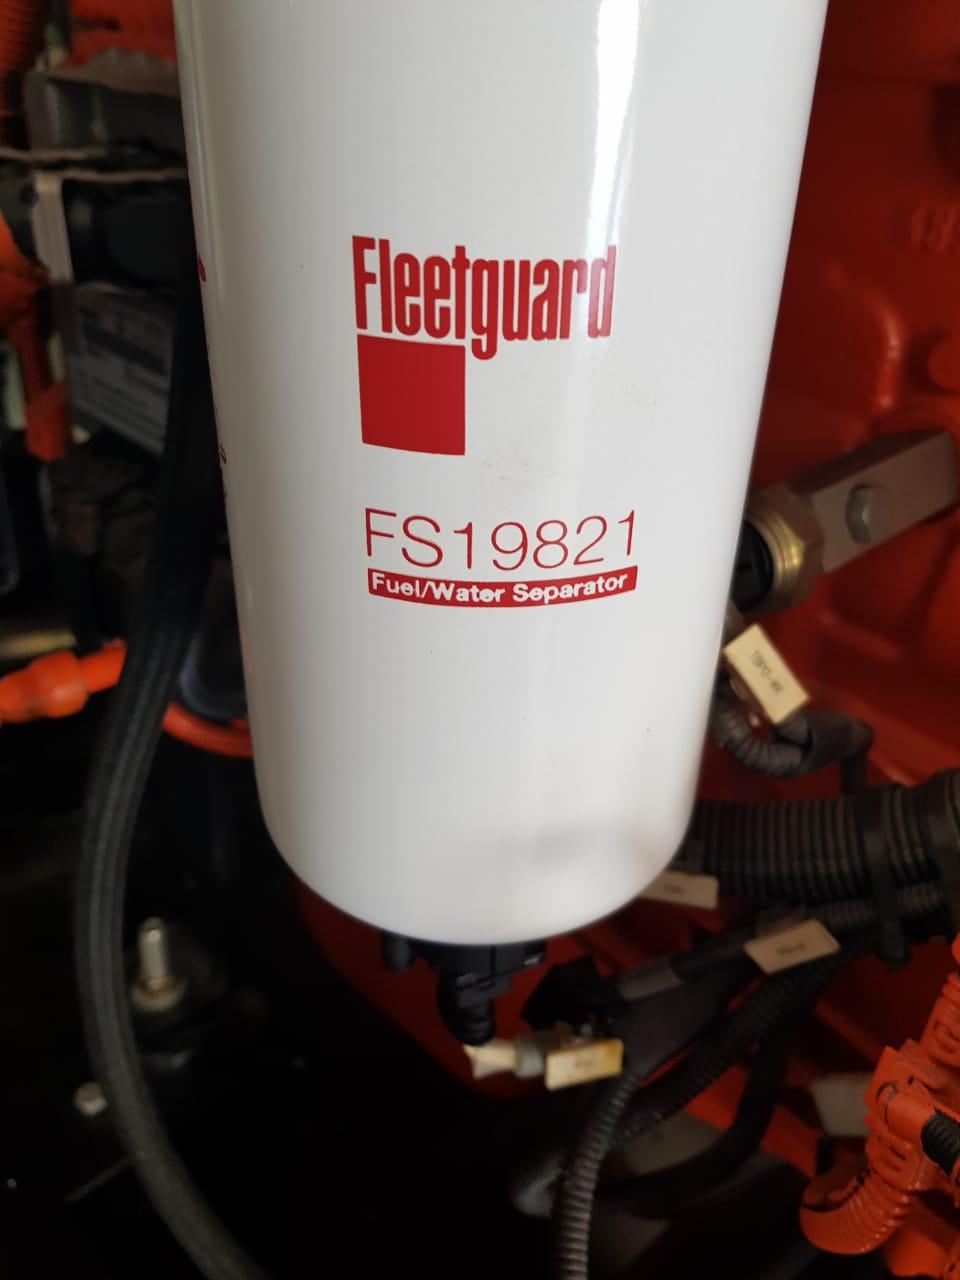 фильтр топливный fleetguard fs19821